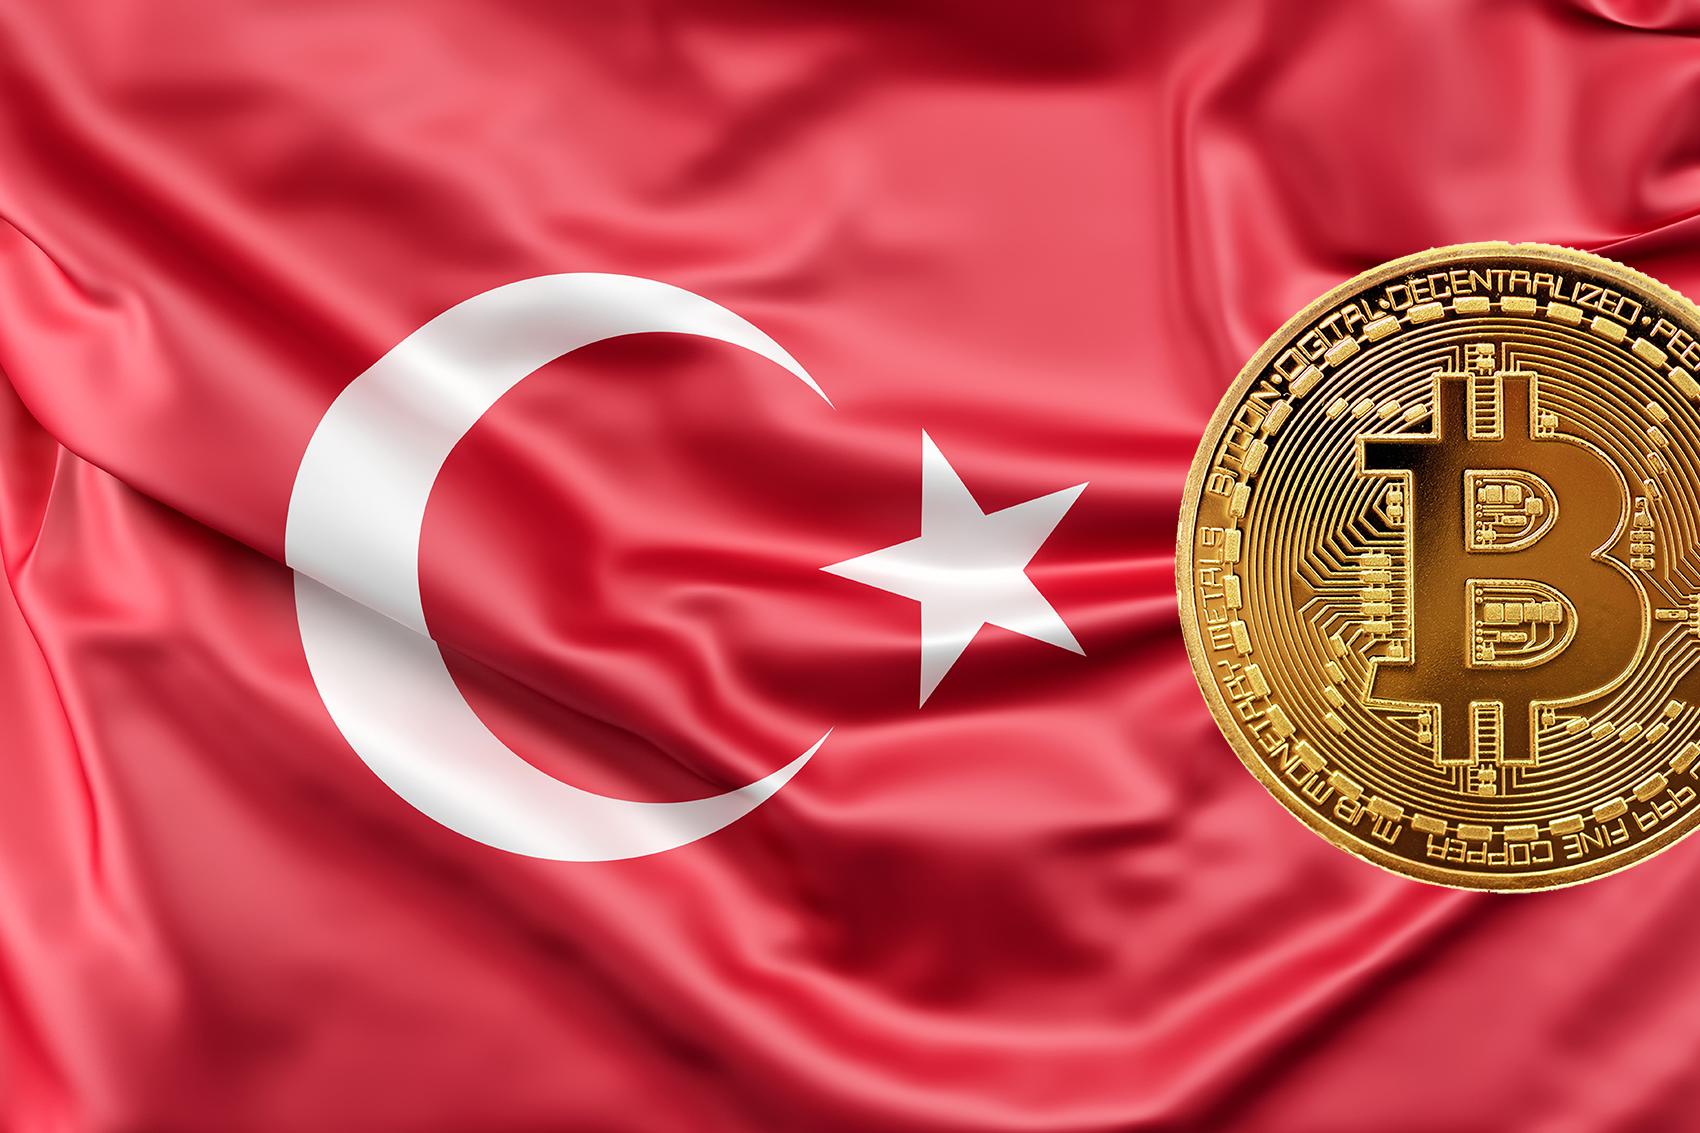 kripto paralara vergi mi geliyor